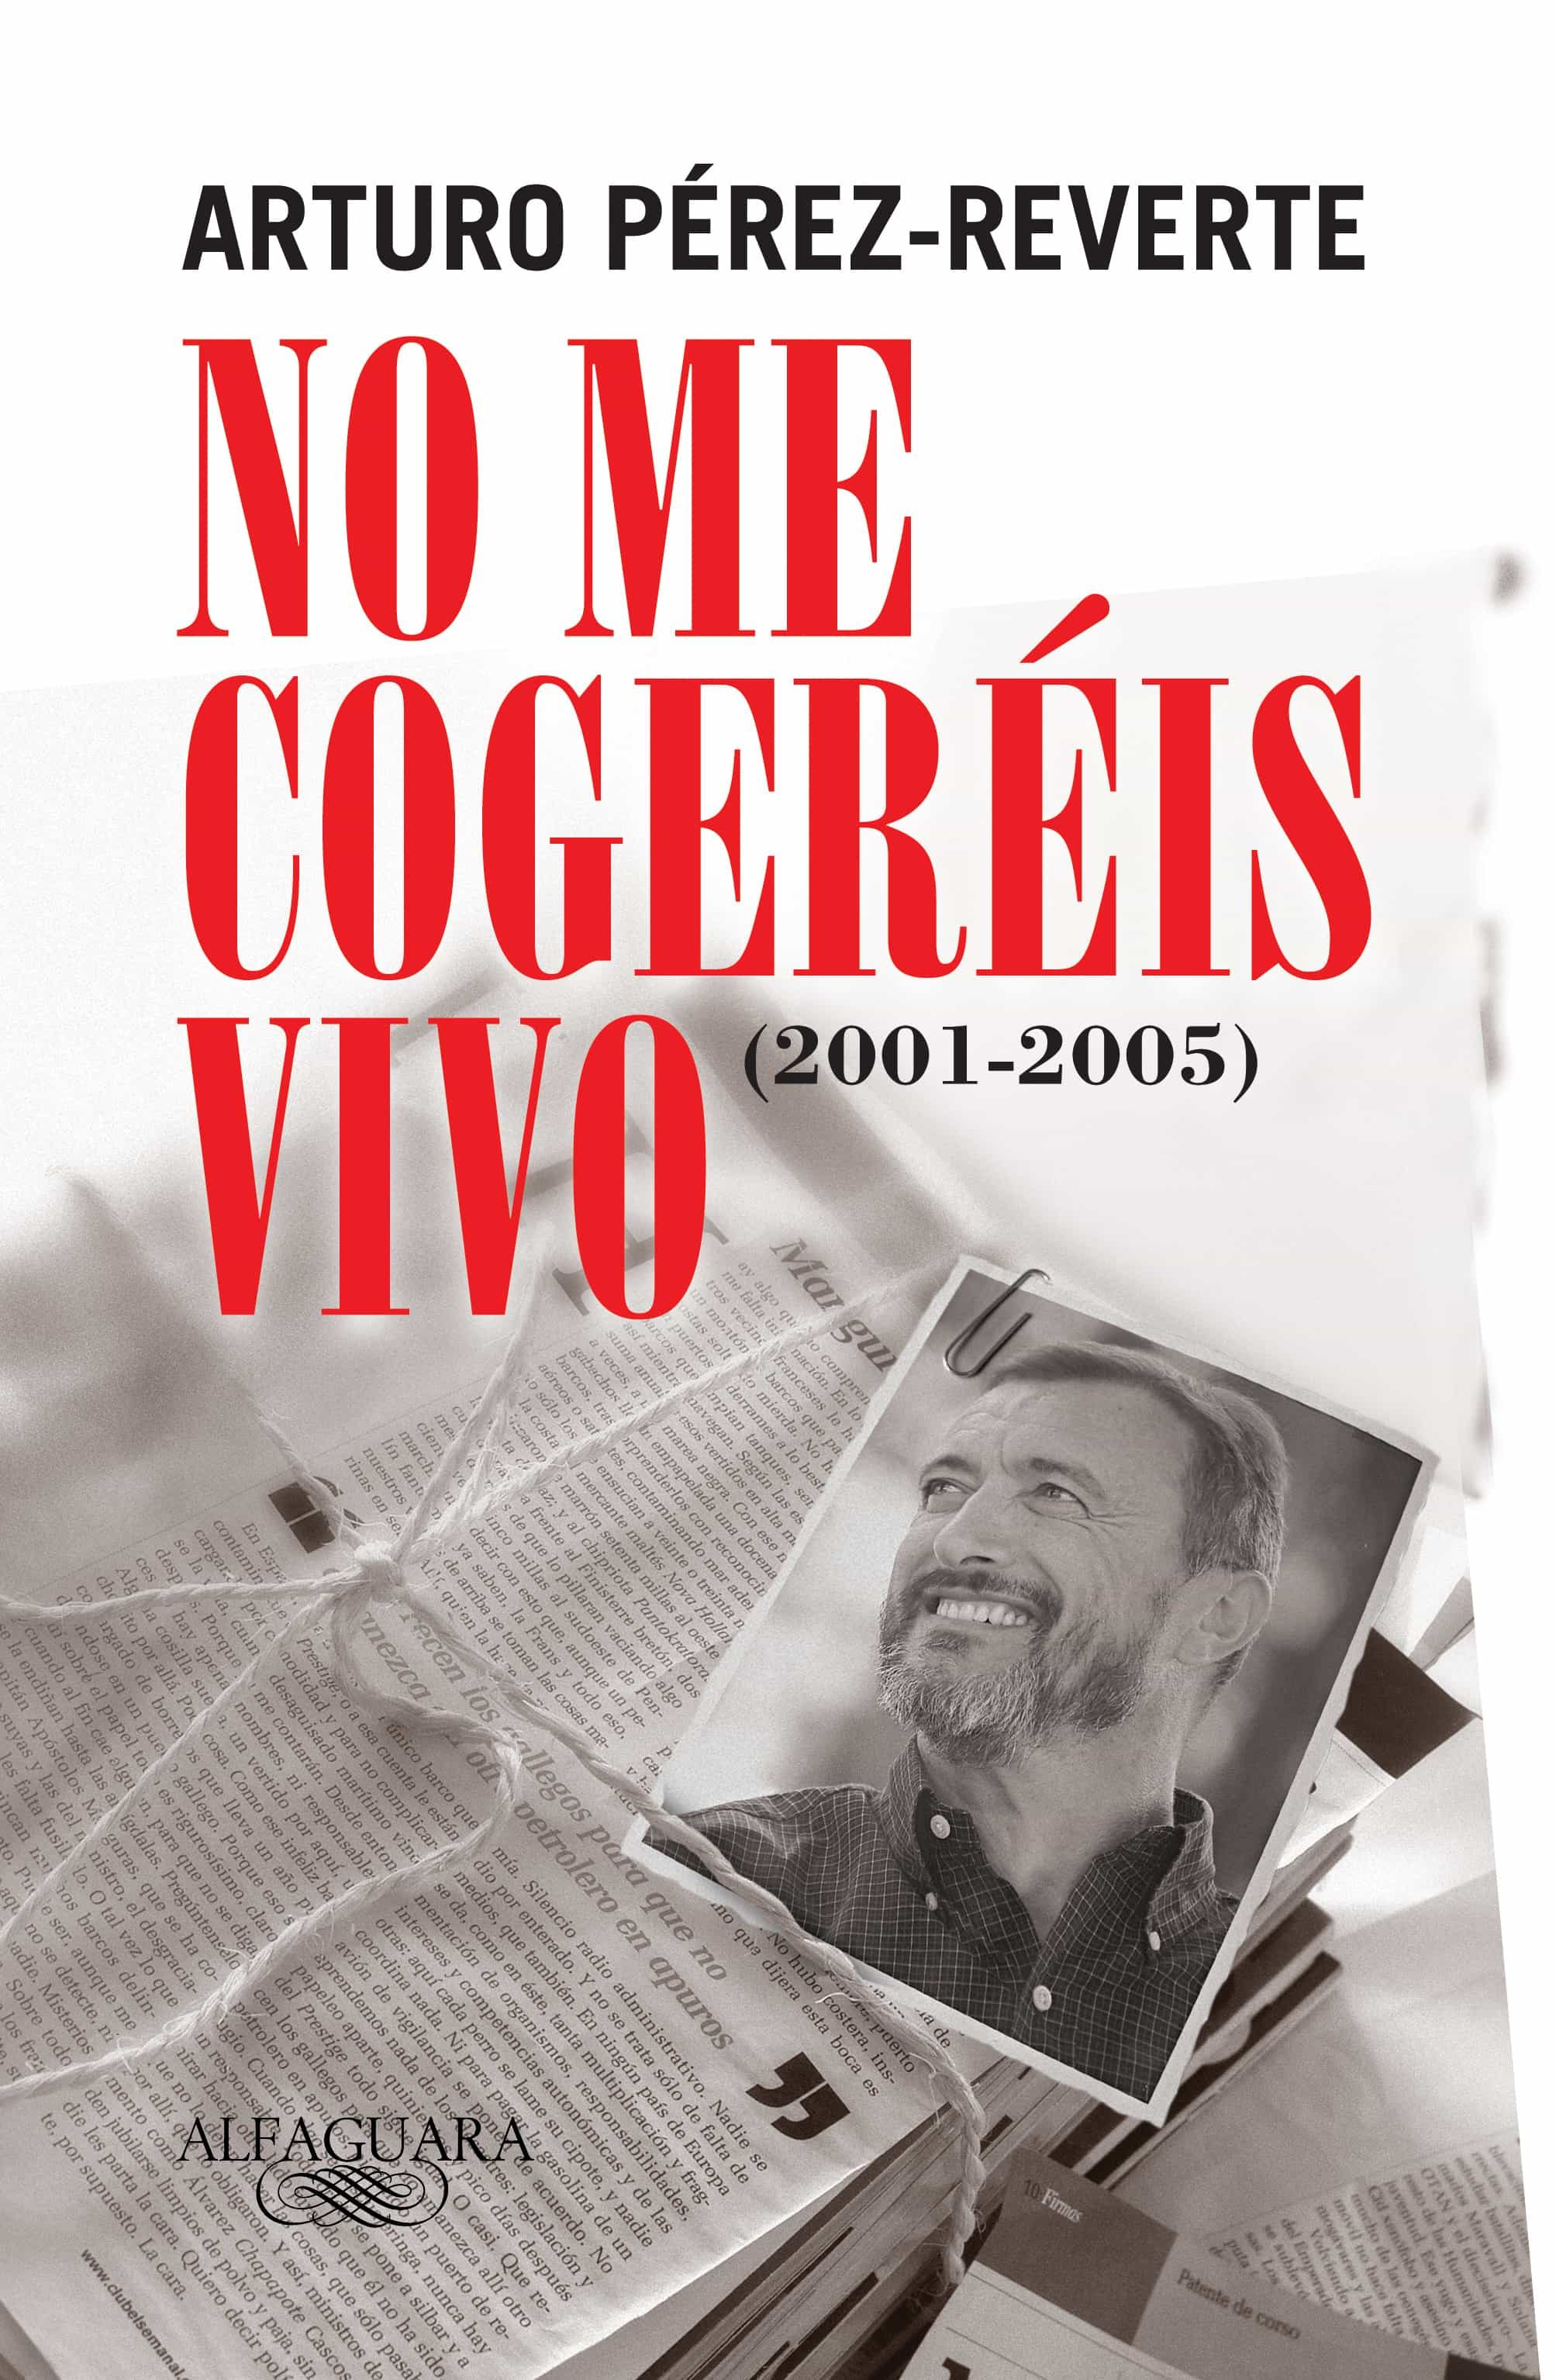 No Me Cogereis Vivo (2001-2005) por Arturo Perez-reverte Gratis